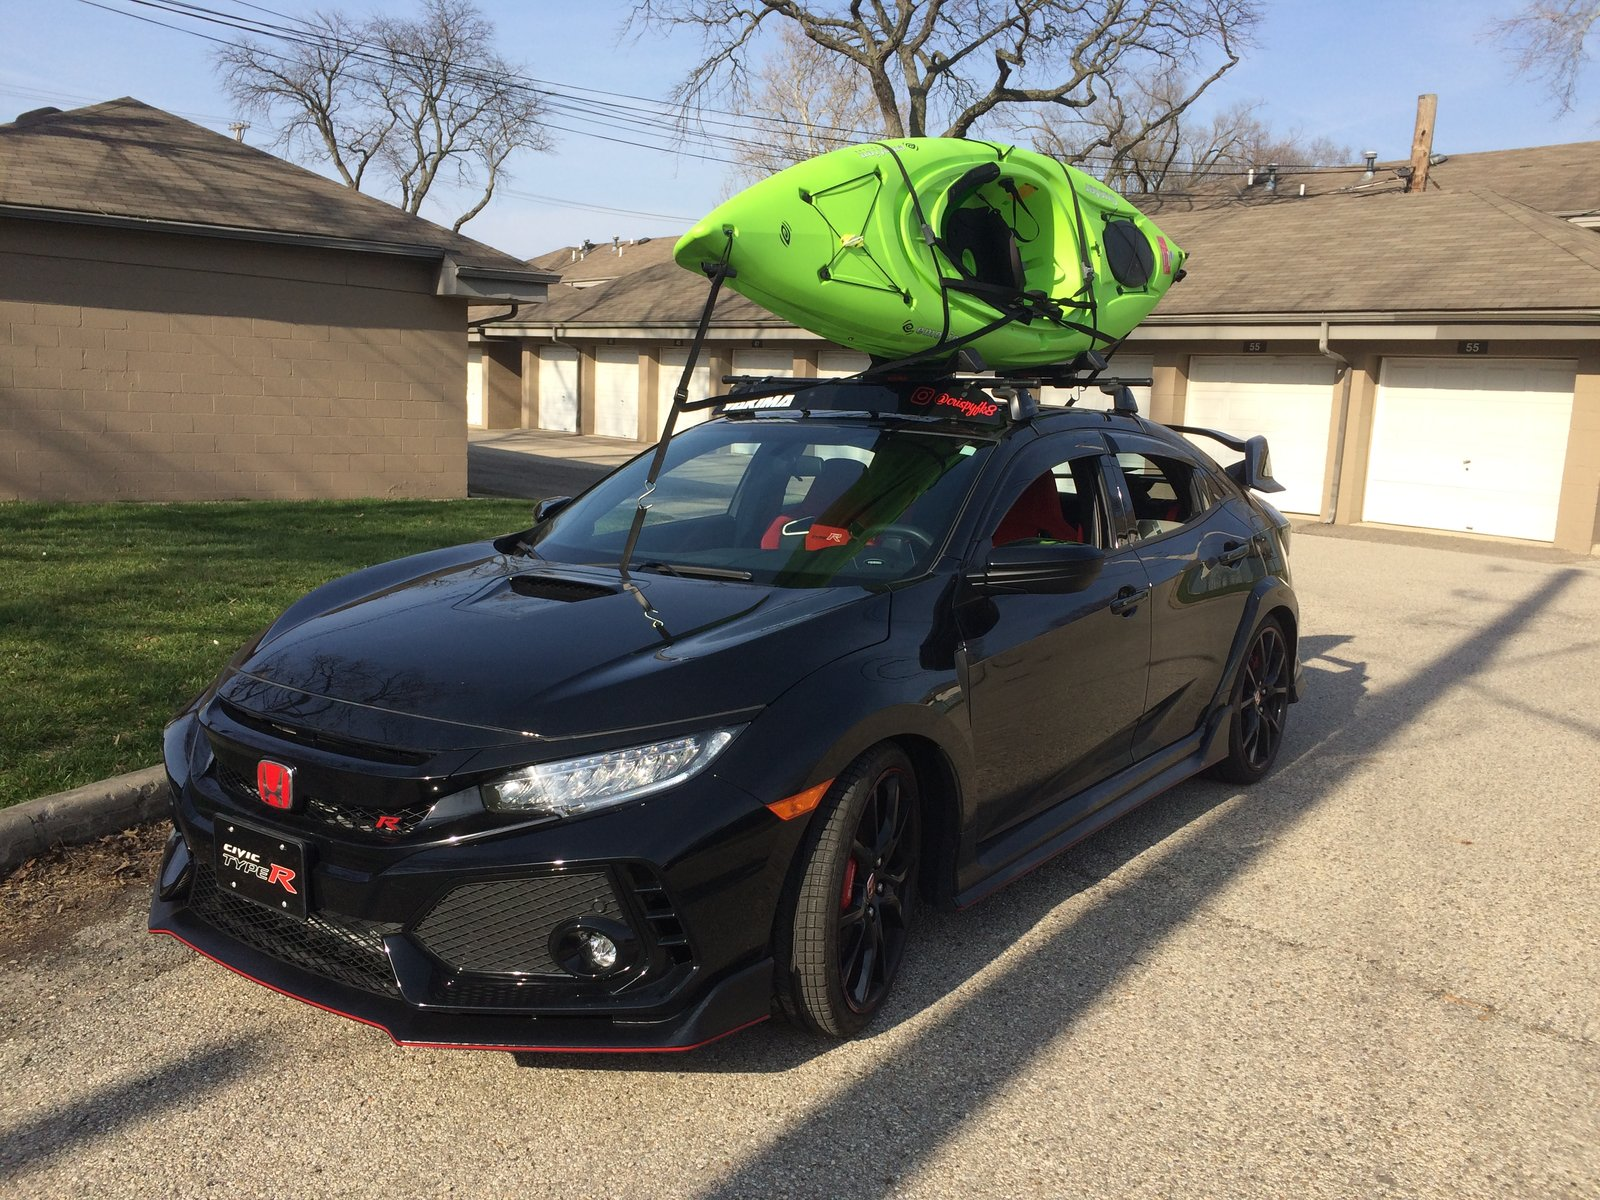 honda civic bike roof rack